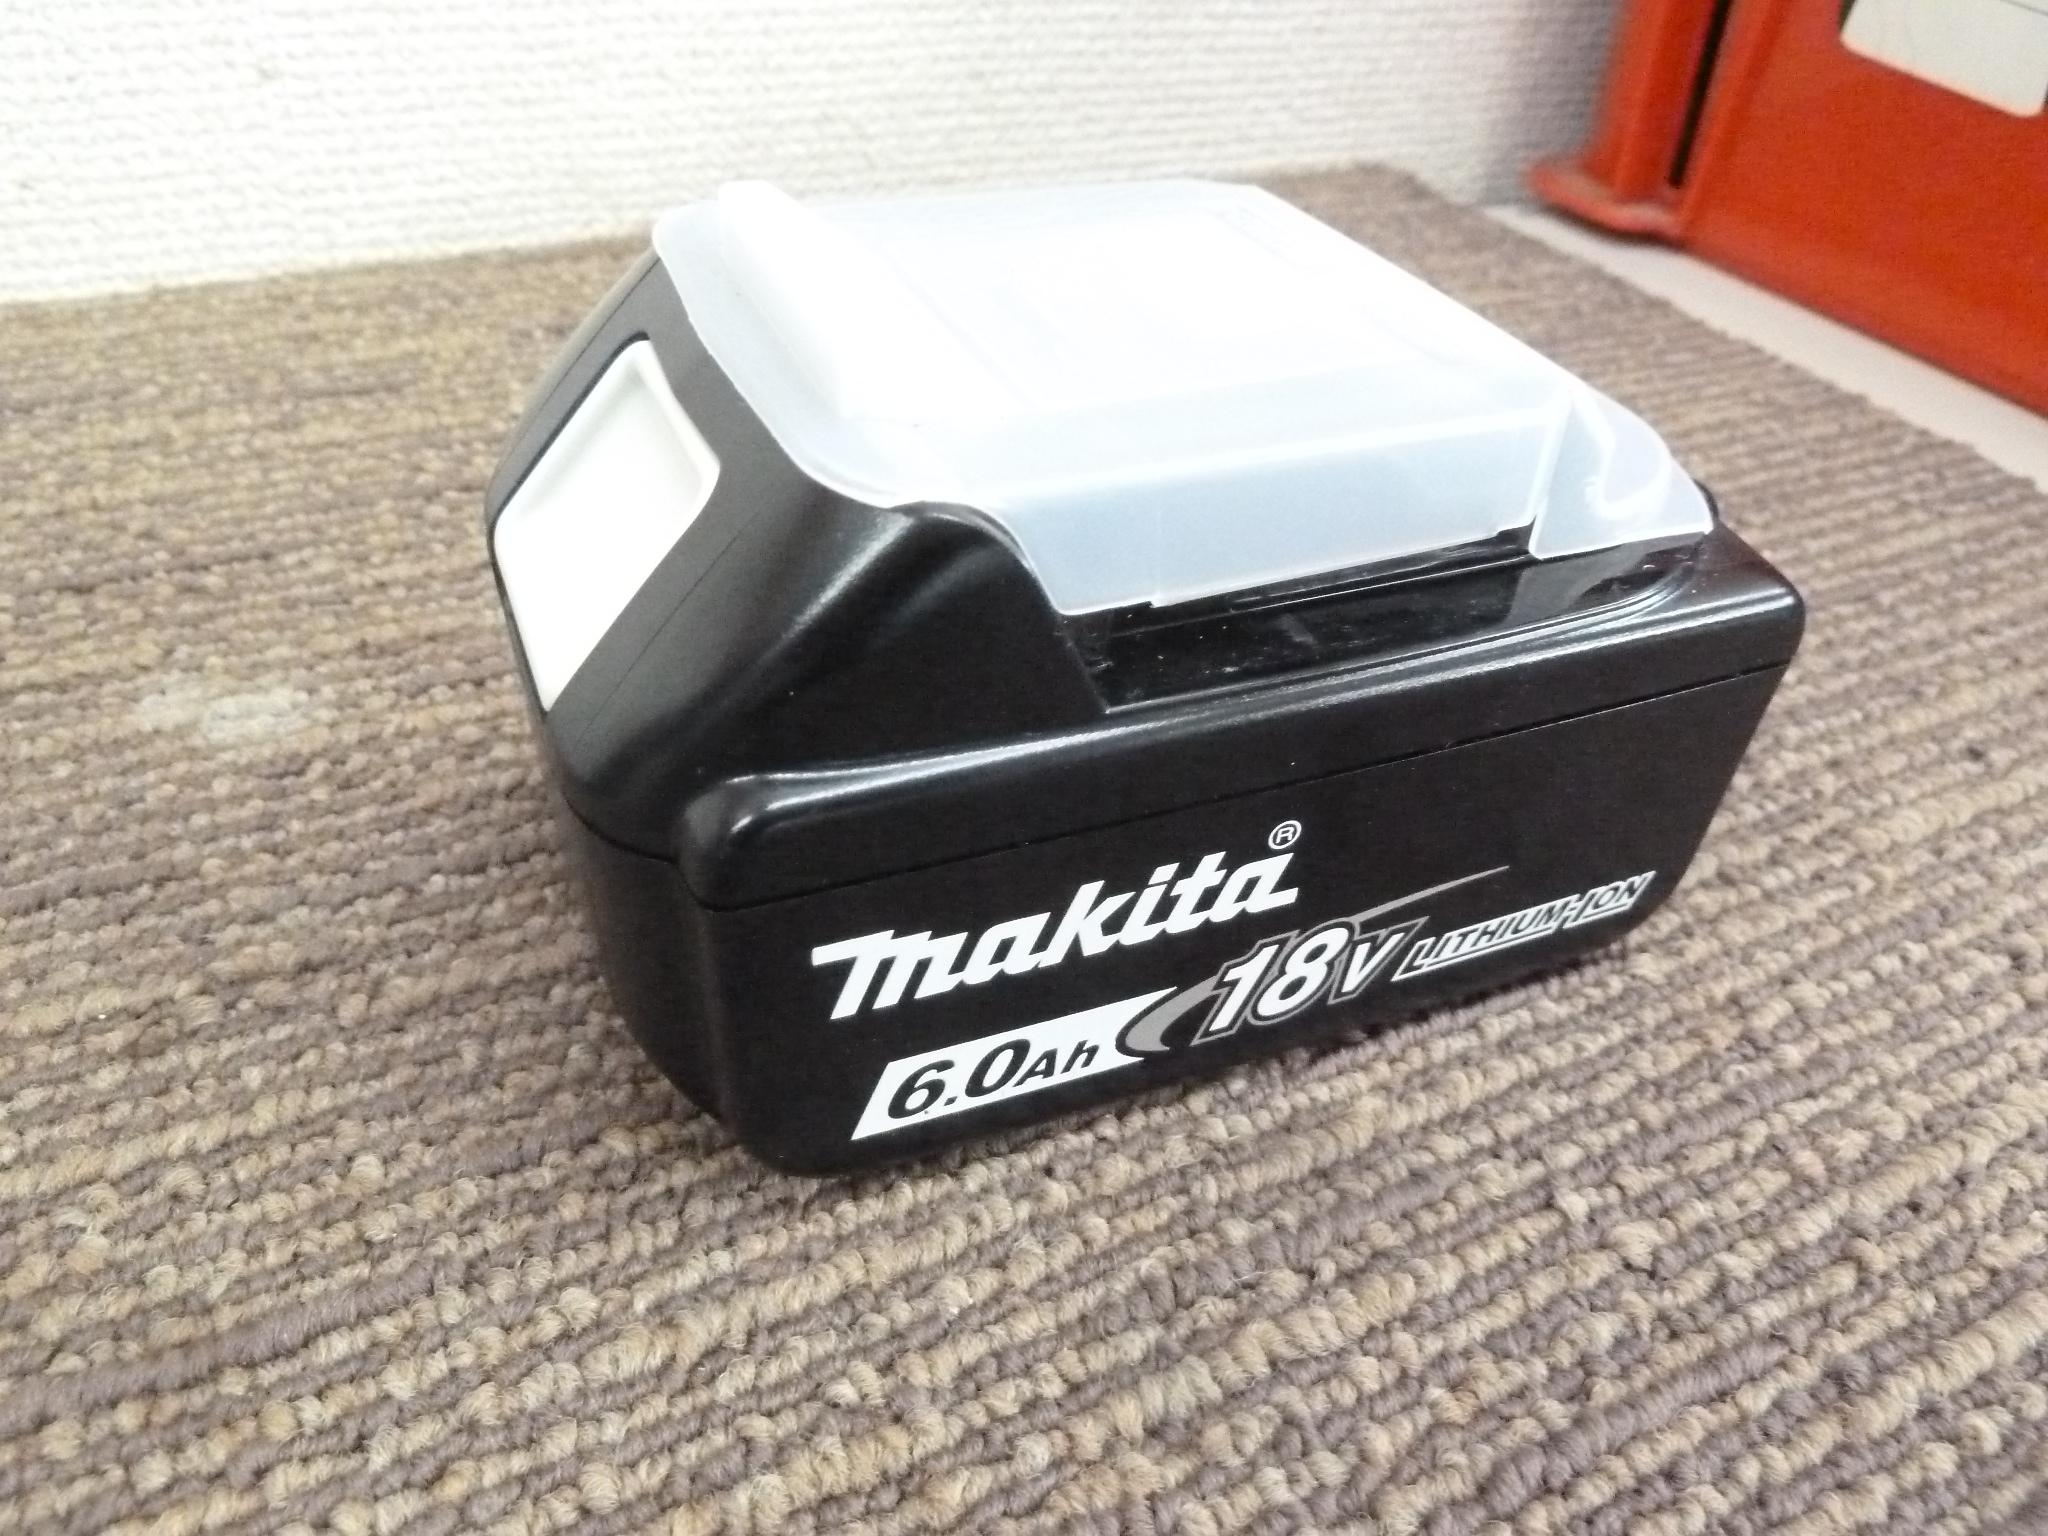 マキタ バッテリー BL1860B を買い取りしました!岡山店